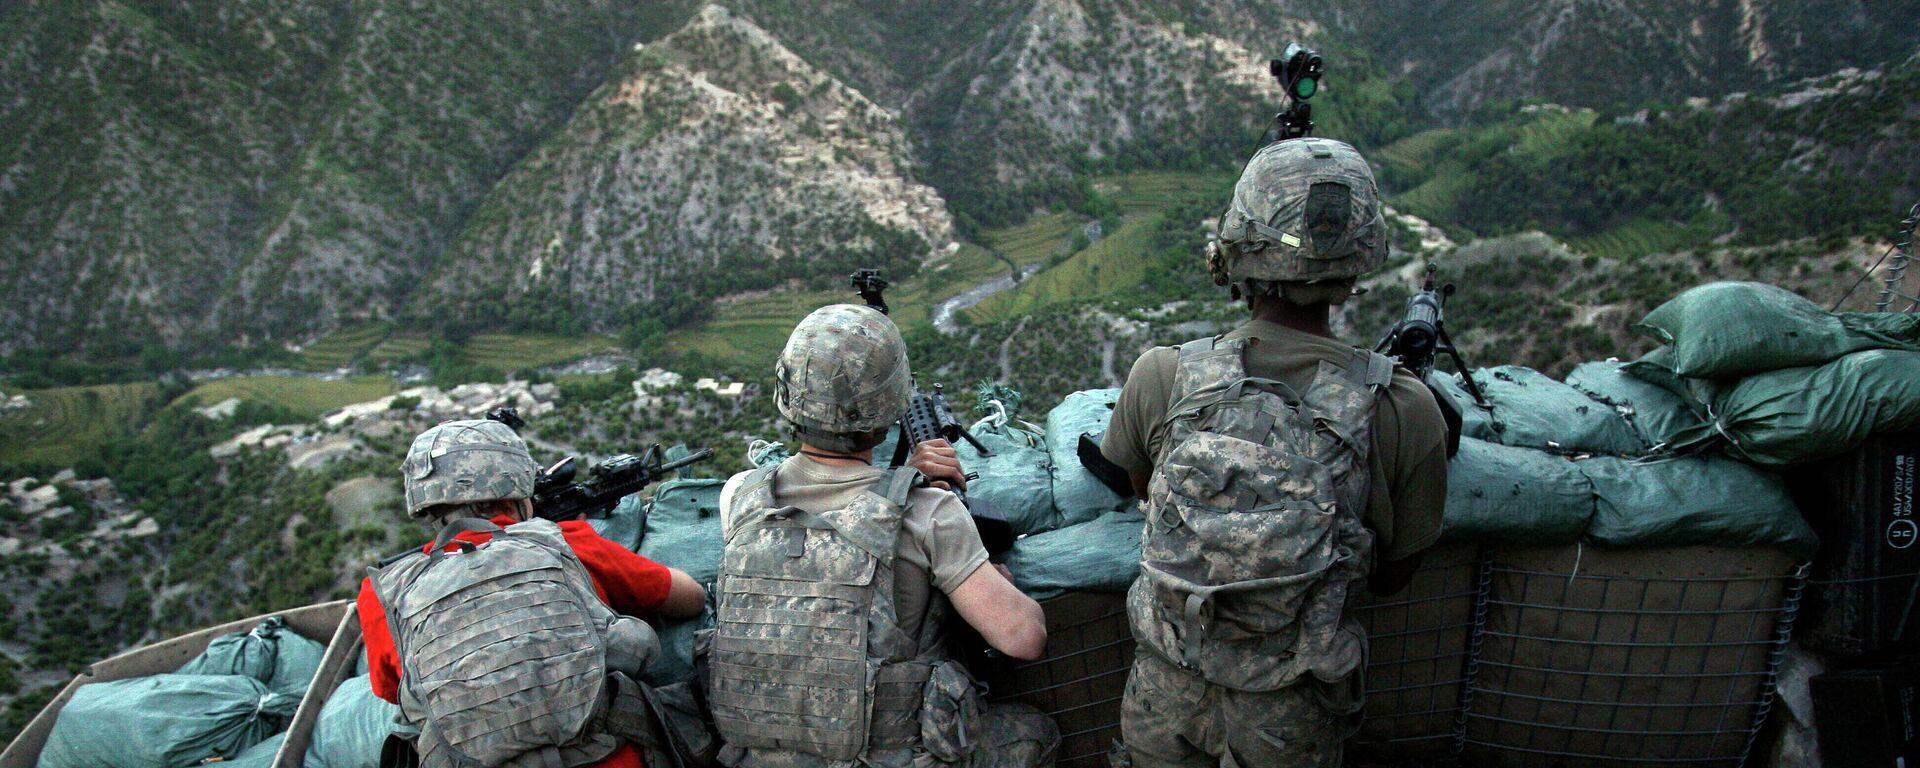 Это спектакль: военный эксперт о причине ухода США из Афганистана - Sputnik Грузия, 1920, 11.09.2021